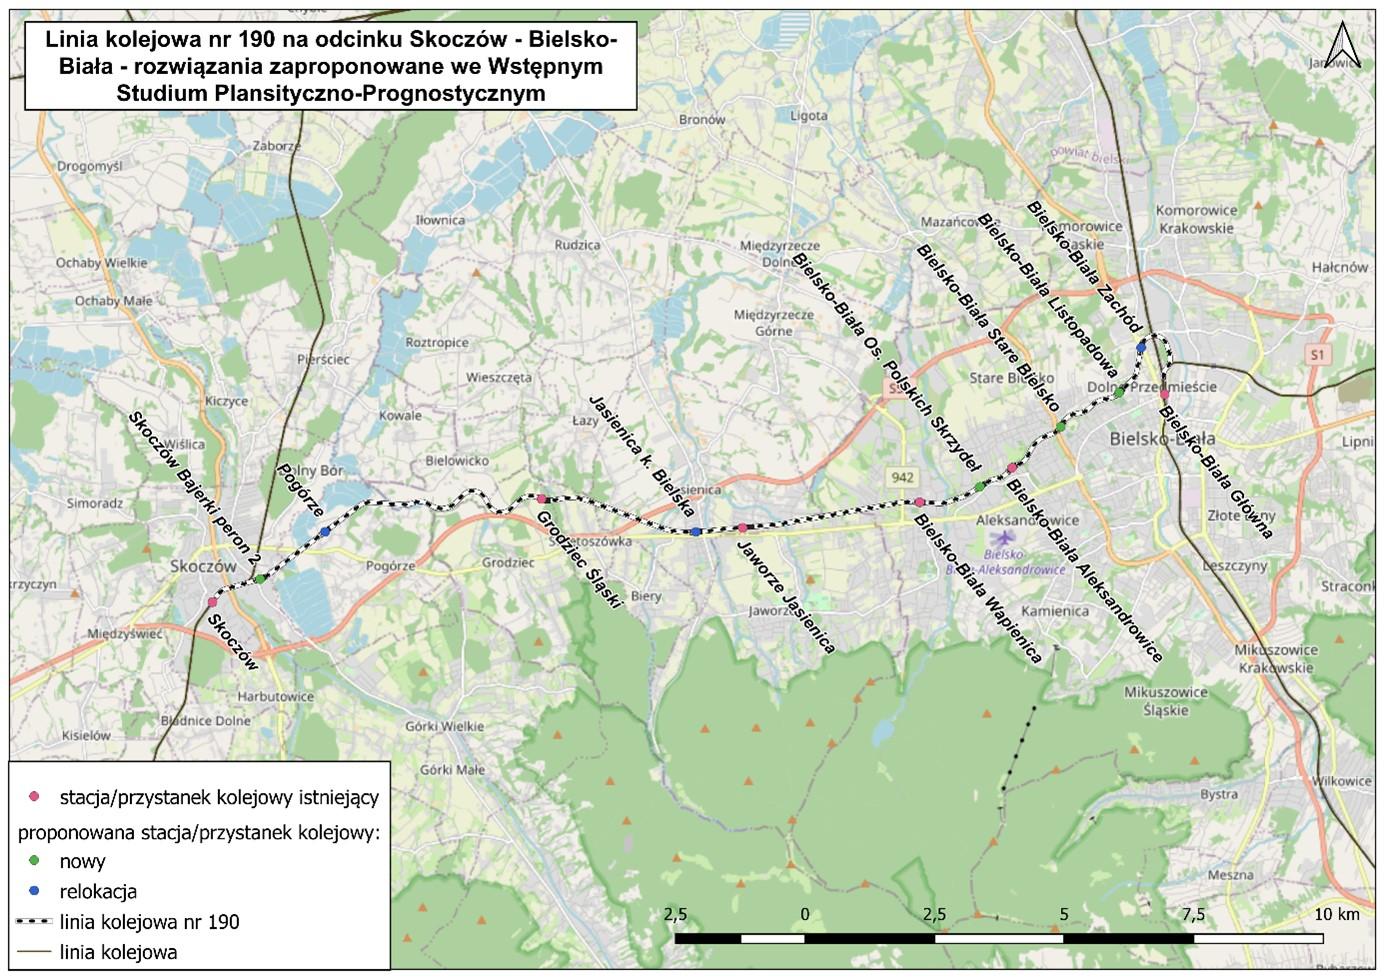 Konsultacje w sprawie rewitalizacji rewitalizacji linii kolejowej  odcinku Skoczów – Bielsko-Biała.